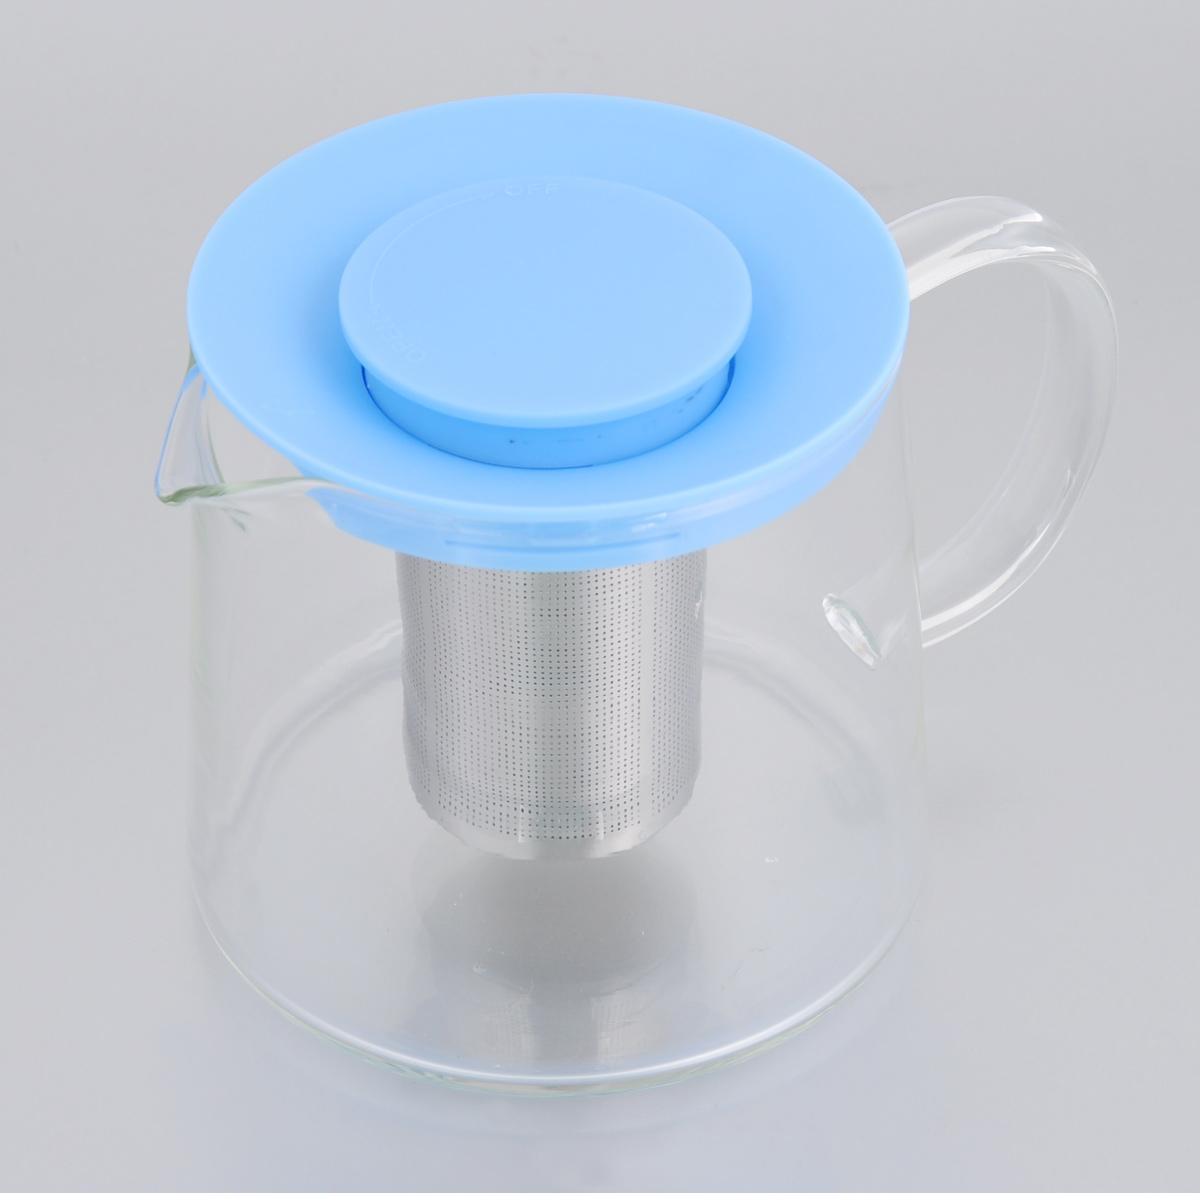 Чайник заварочный Идея Камилла, цвет: голубой, 1 лKML-01_голубойЧайник Идея Камилла прекрасно подходит для заваривания чая, кофе и травяных настоев. Он изготовлен из высококачественного жаропрочного стекла, оснащен металлическим фильтром и пластиковой крышкой. Основные достоинства чайника: - возможность регулировать время заваривания, - возможность комбинировать напиток с различными наполнителями (специи, травы), - возможность подогрева напитка на газовой плите (при 180°С). Чайник Идея Камилла помимо своего прямого предназначения несет дополнительную функцию наполнения интерьера яркостью и теплотой. Чаепитие с друзьями станет прекрасным времяпрепровождением. Диаметр (по верхнему краю): 11 см. Диаметр основания: 12,5 см. Высота фильтра: 8 см. Высота чайника: 11,5 см.